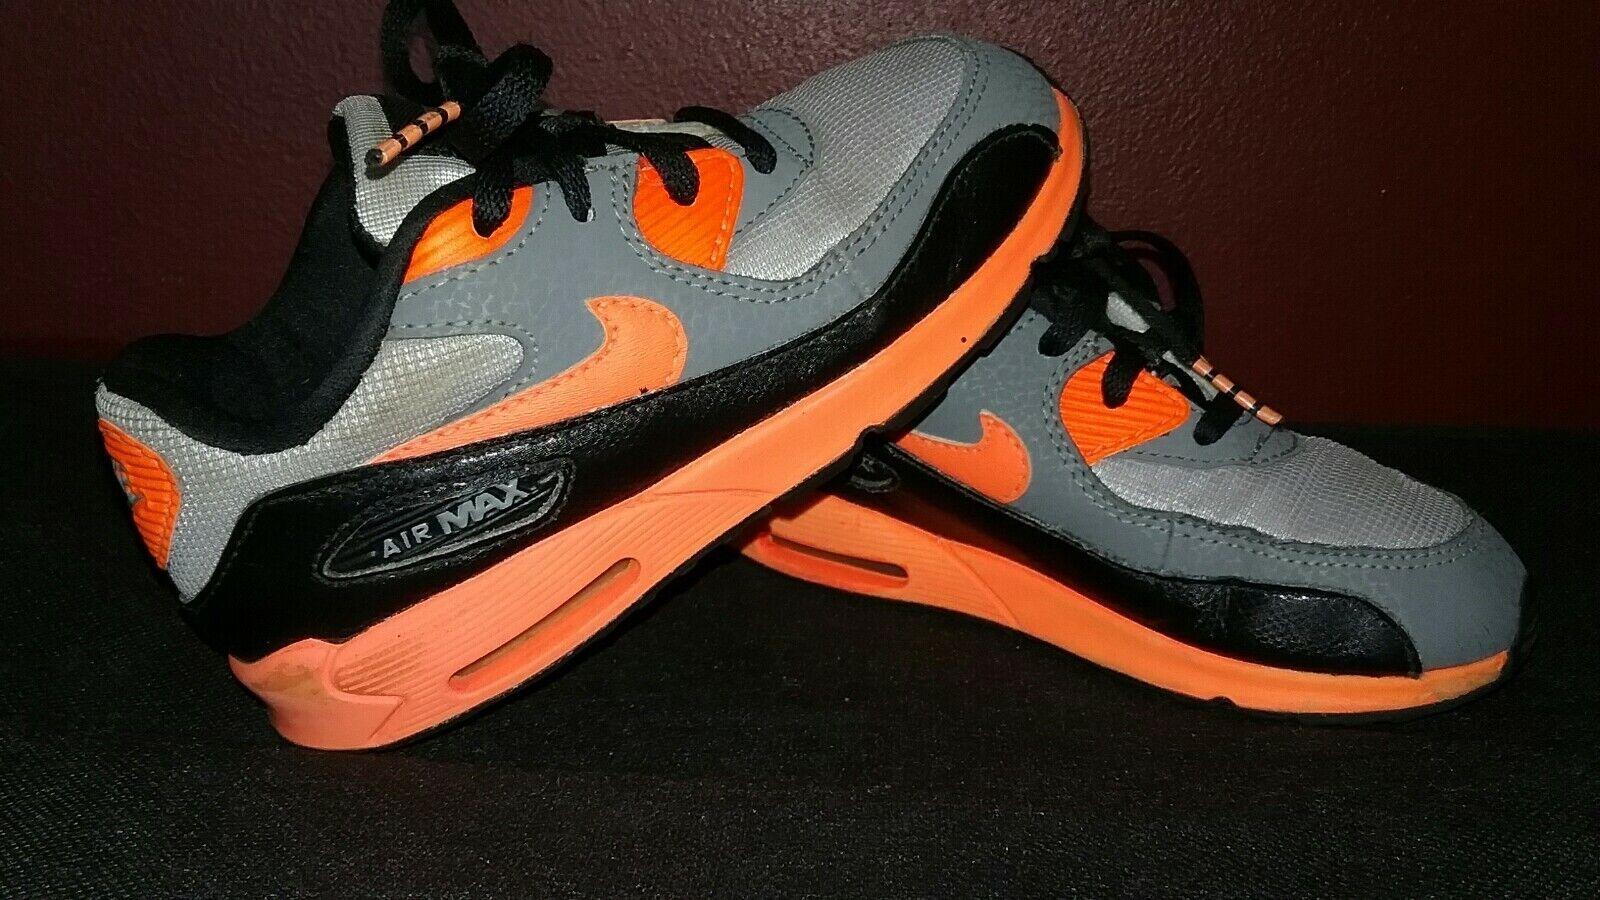 Nike Air Max 90 TD Toddler Shoes Sneakers 408110-036 Gray//Orange sz 4C 6C 8C